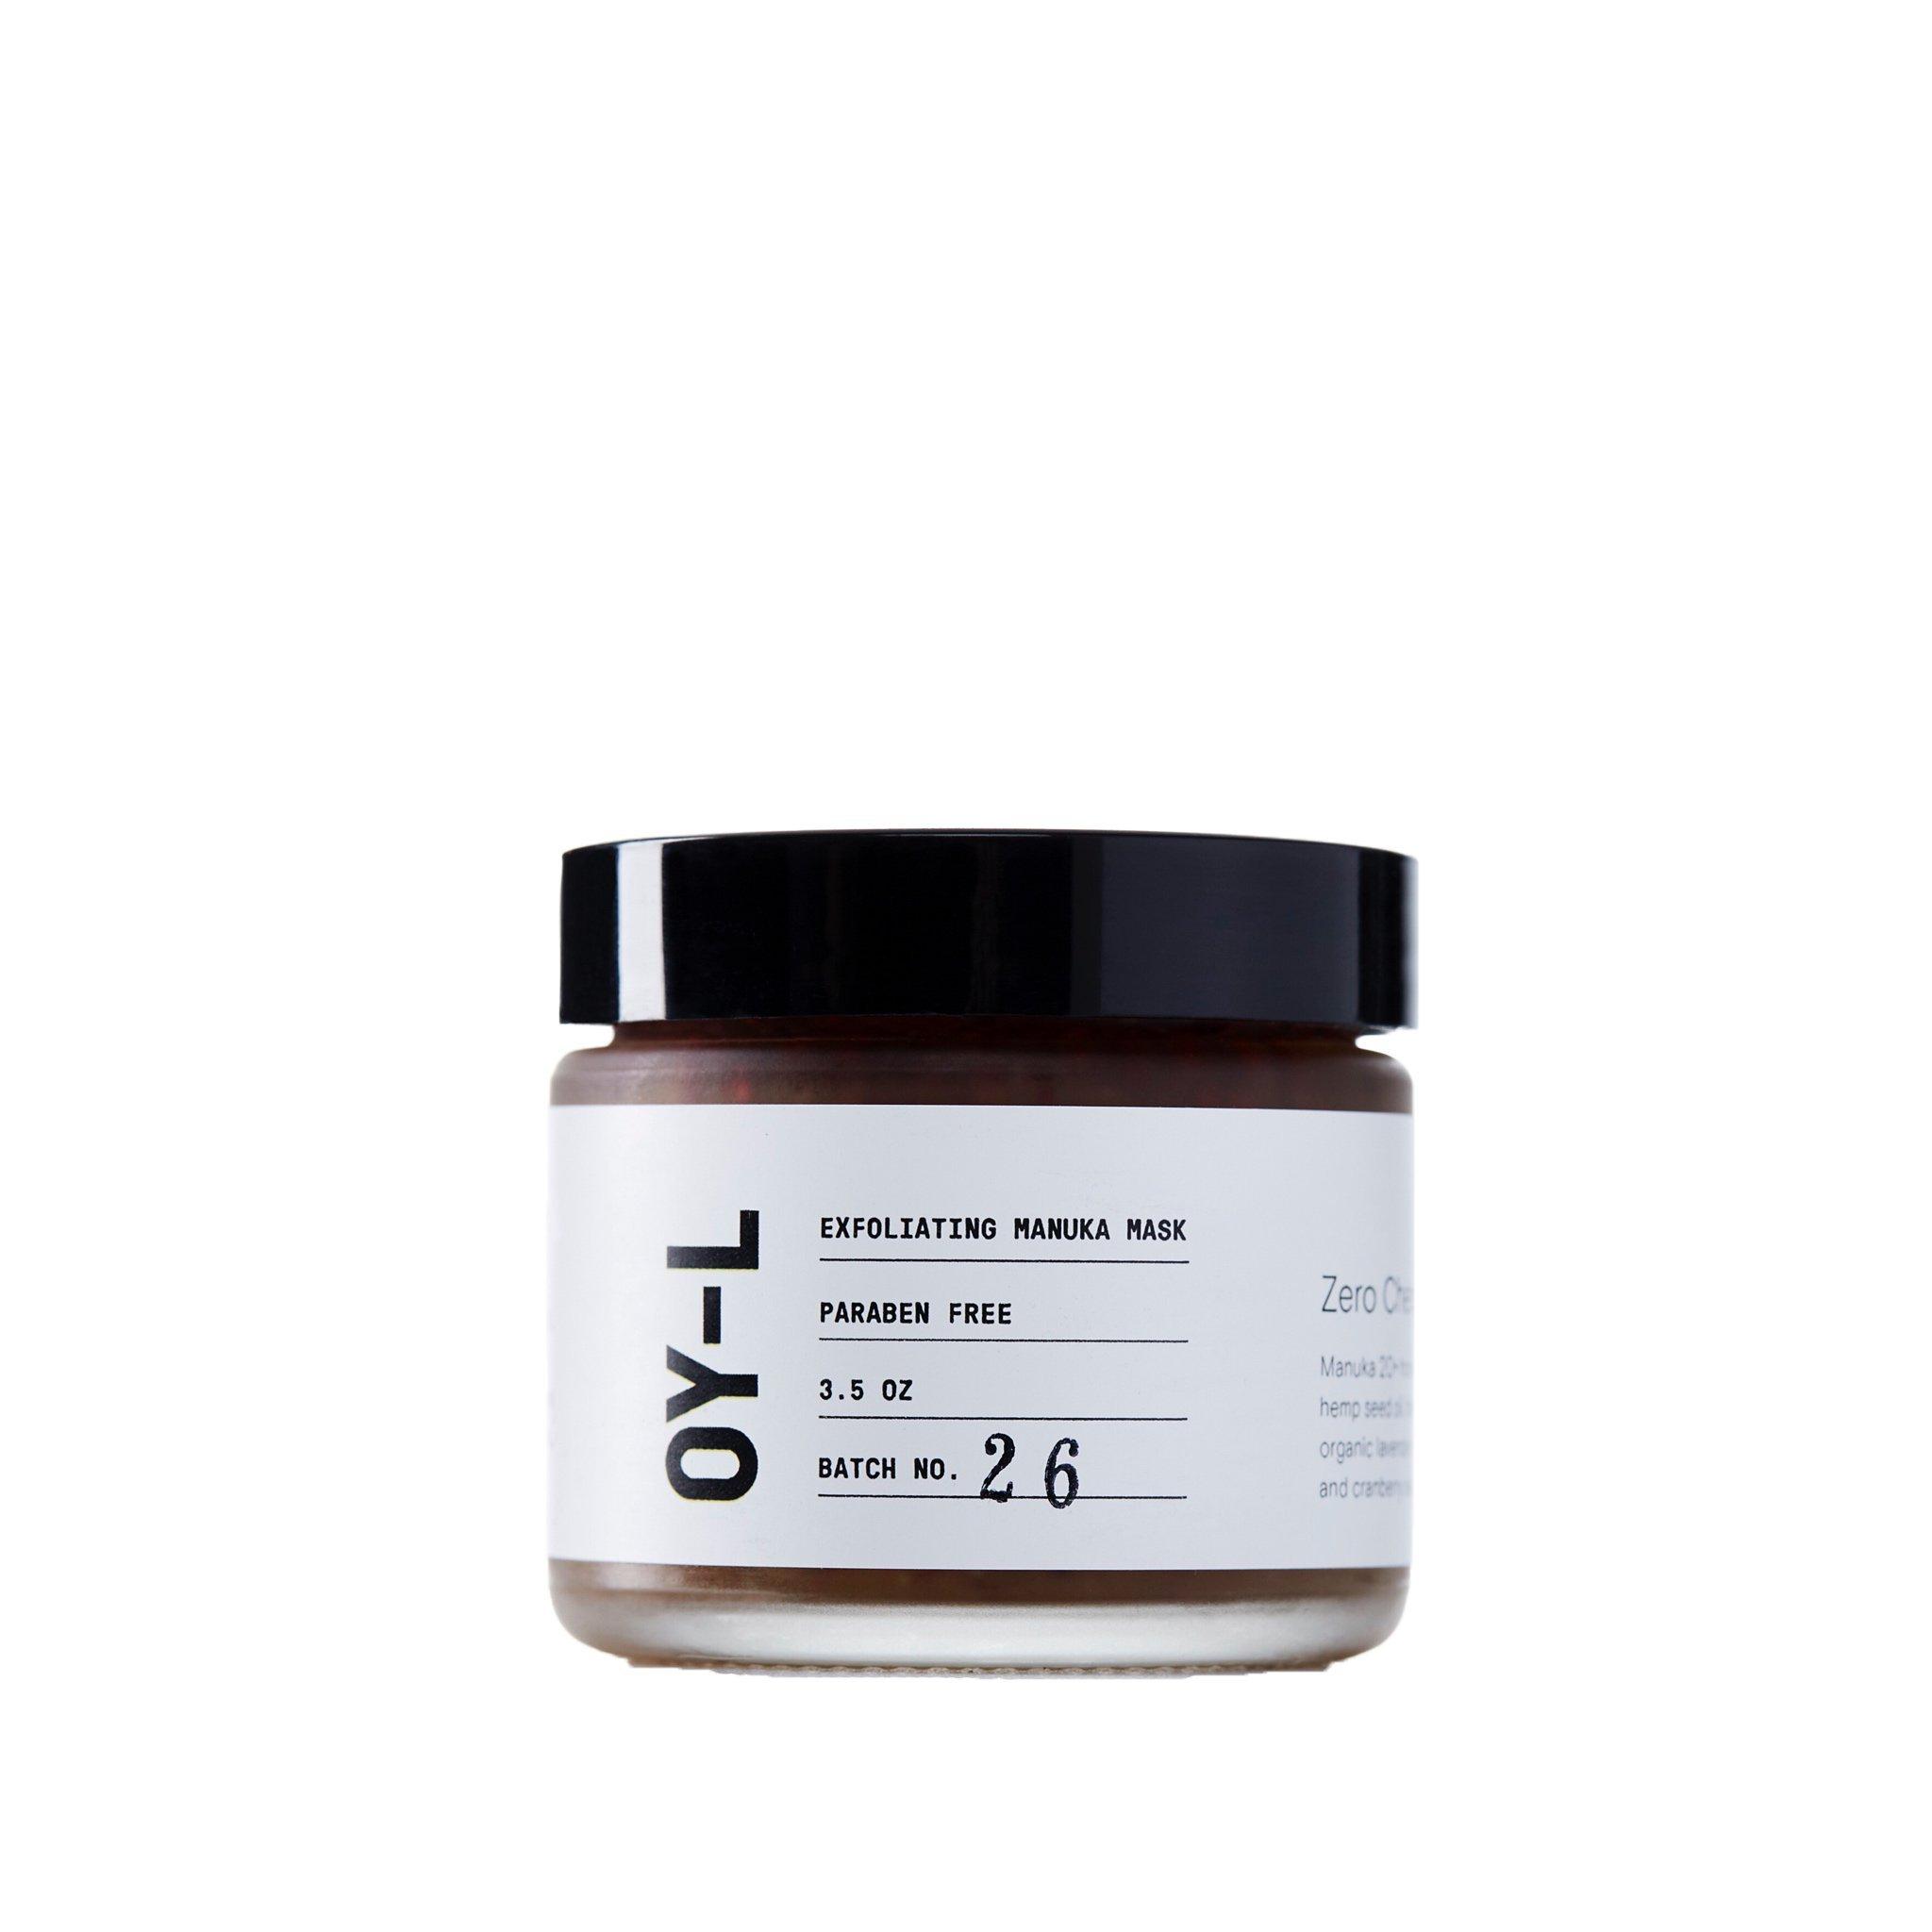 OY-L Exfoliating Manuka Honey Mask